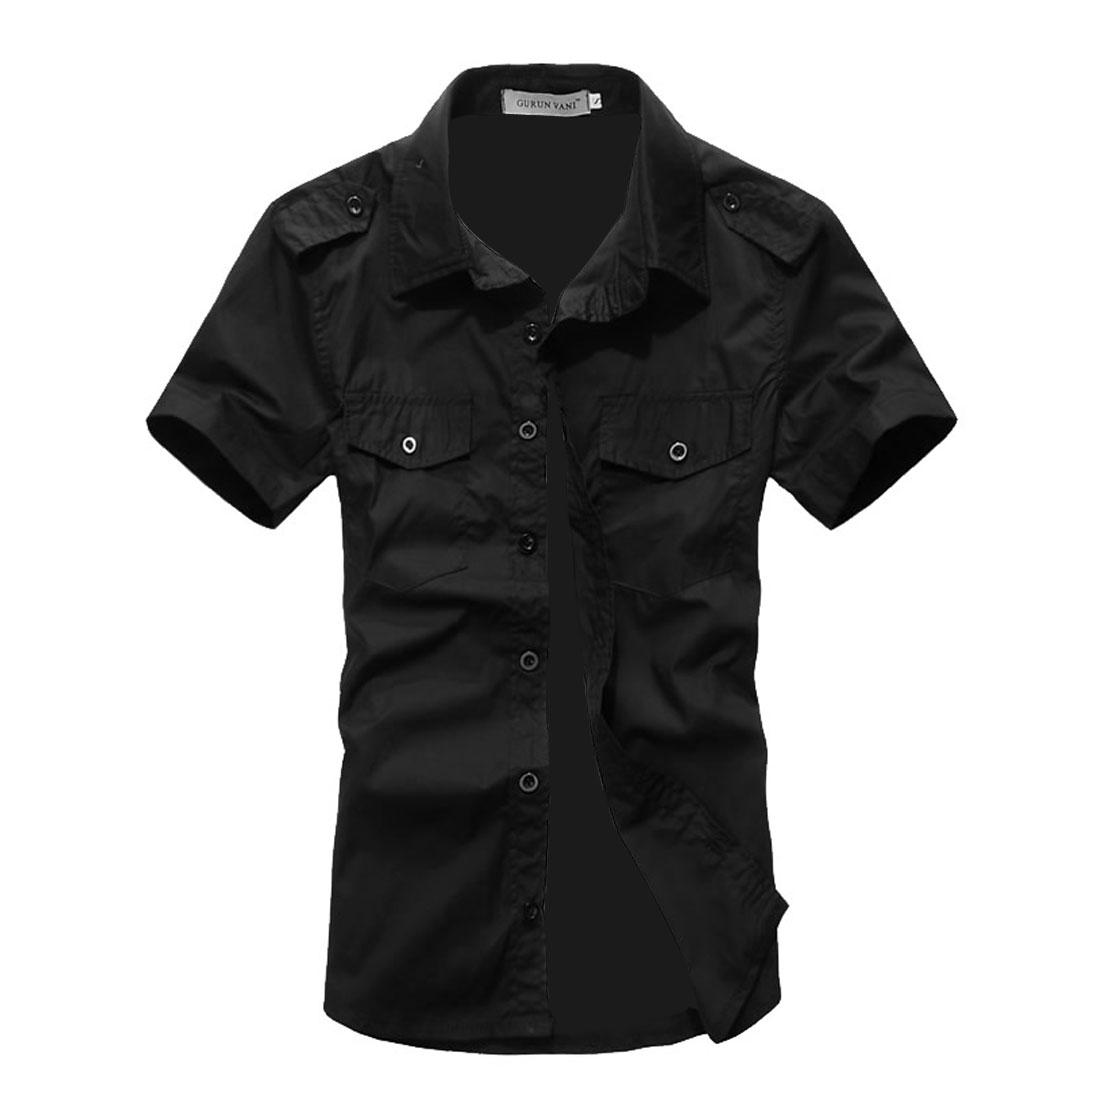 Man Buttons Decor Chest Pockets Epaulet Modern Shirt Black L